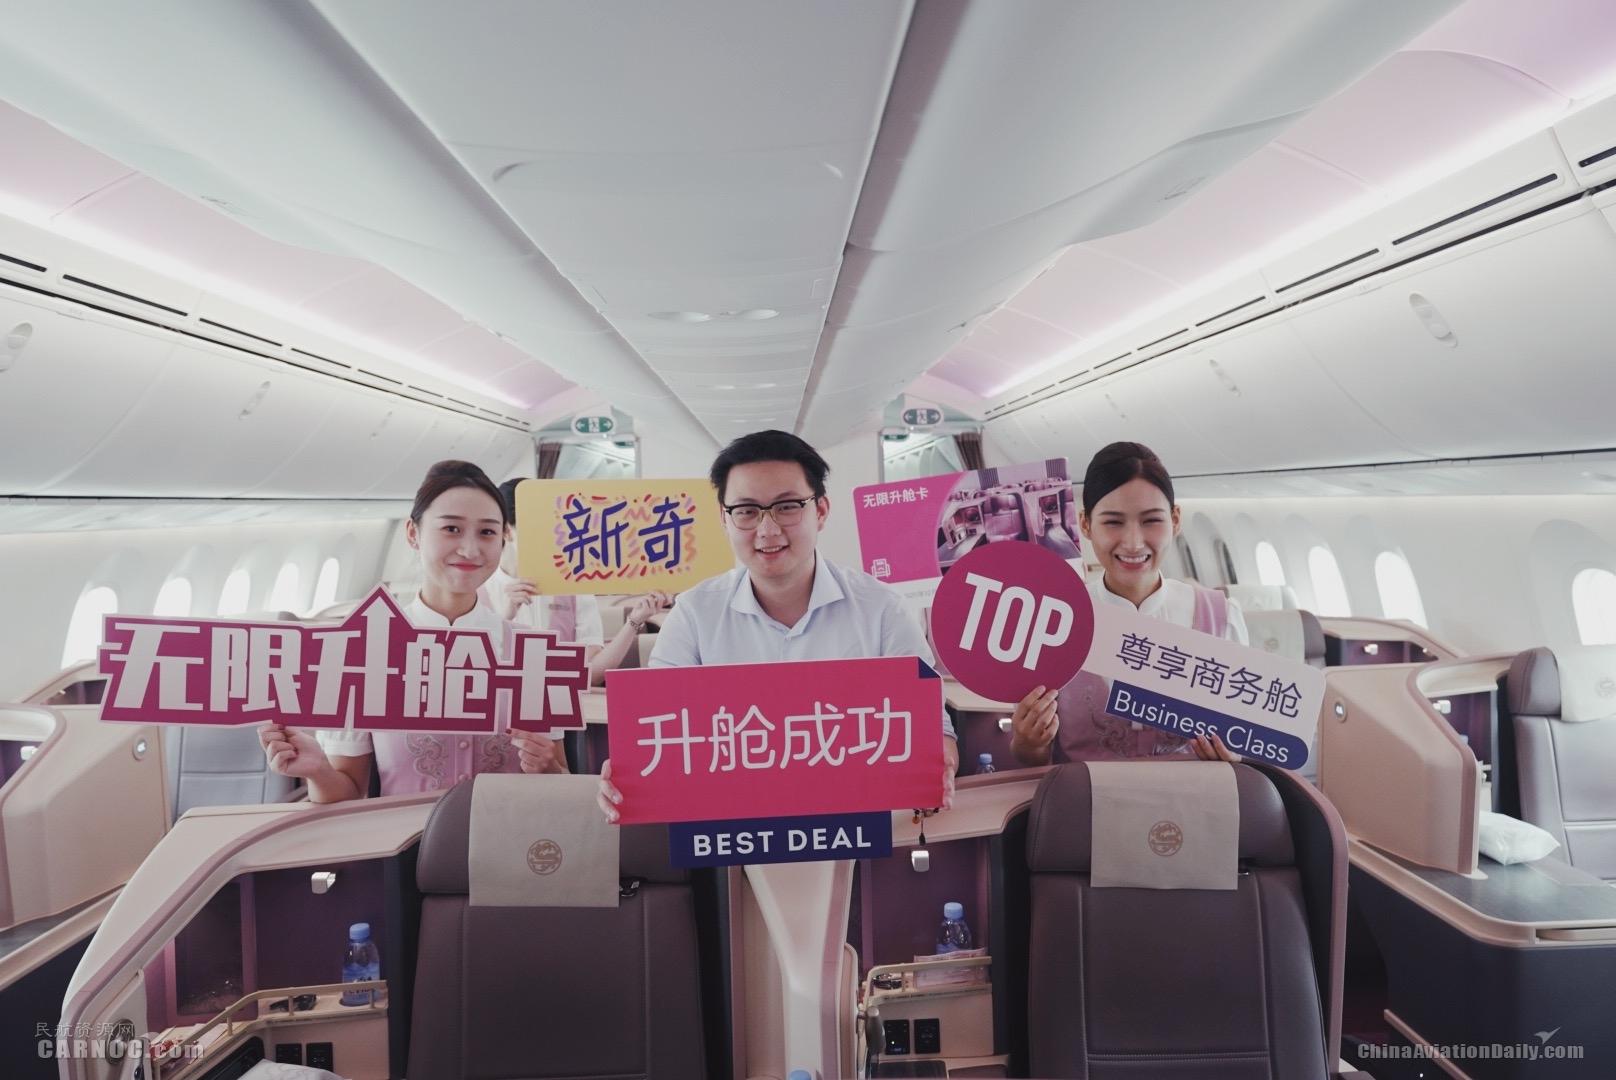 """吉祥航空""""无限升舱卡""""首日超6万人预定 已有近千名旅客成功升舱"""